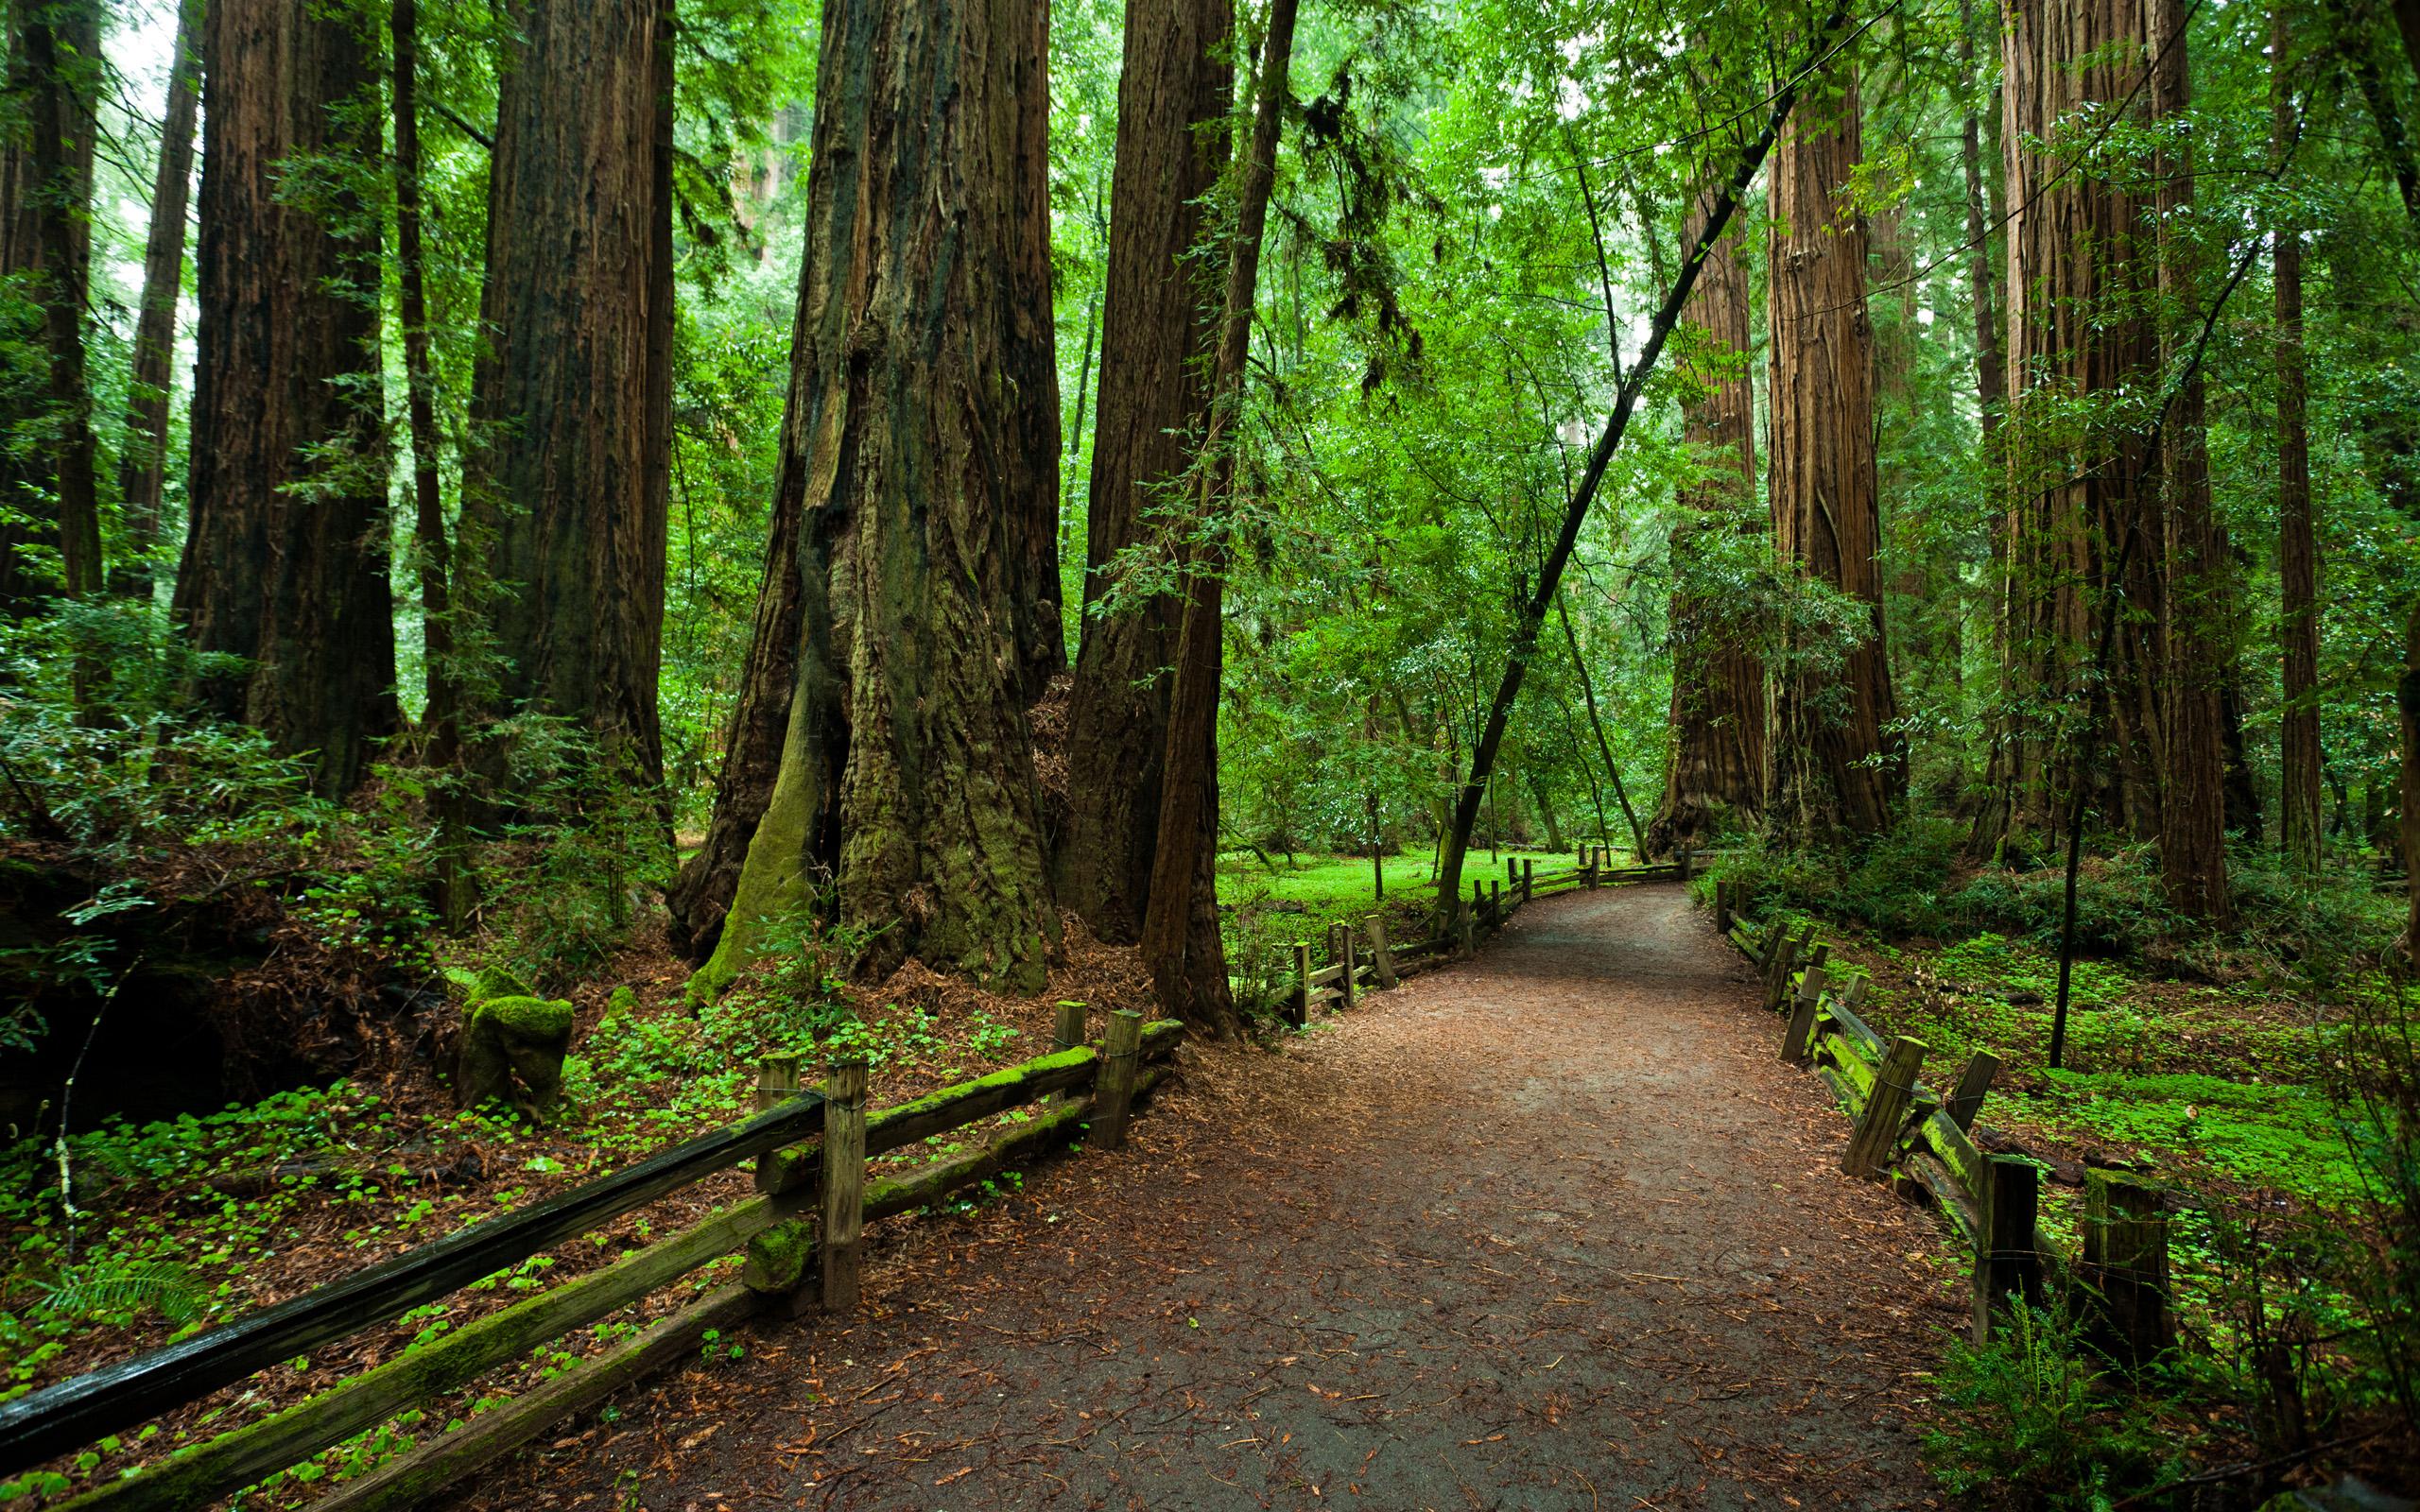 Лес «Редвуд» в Северной Калифорнии — это место, где растут самые высокие деревья на планете, что обе